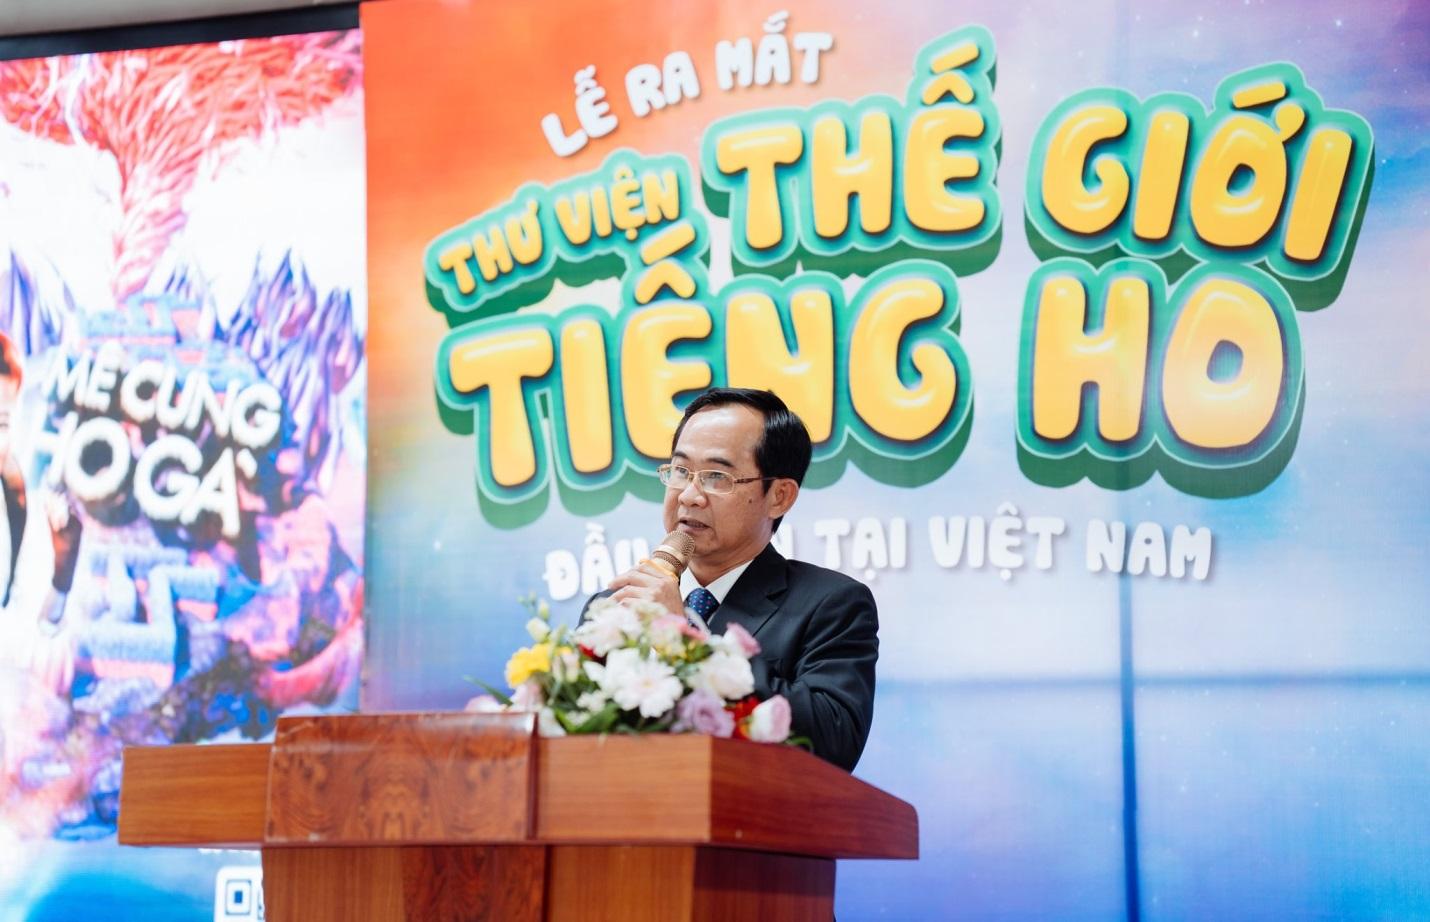 Nguyễn Tuấn Như - Trưởng khoa Tai mũi họng, BV Nhi đồng I cho biết ho là một bệnh dễ gặp nhất ở trẻ nhỏ. Do đó việc lắng nghe tiếng ho của con là rất quan trọng.